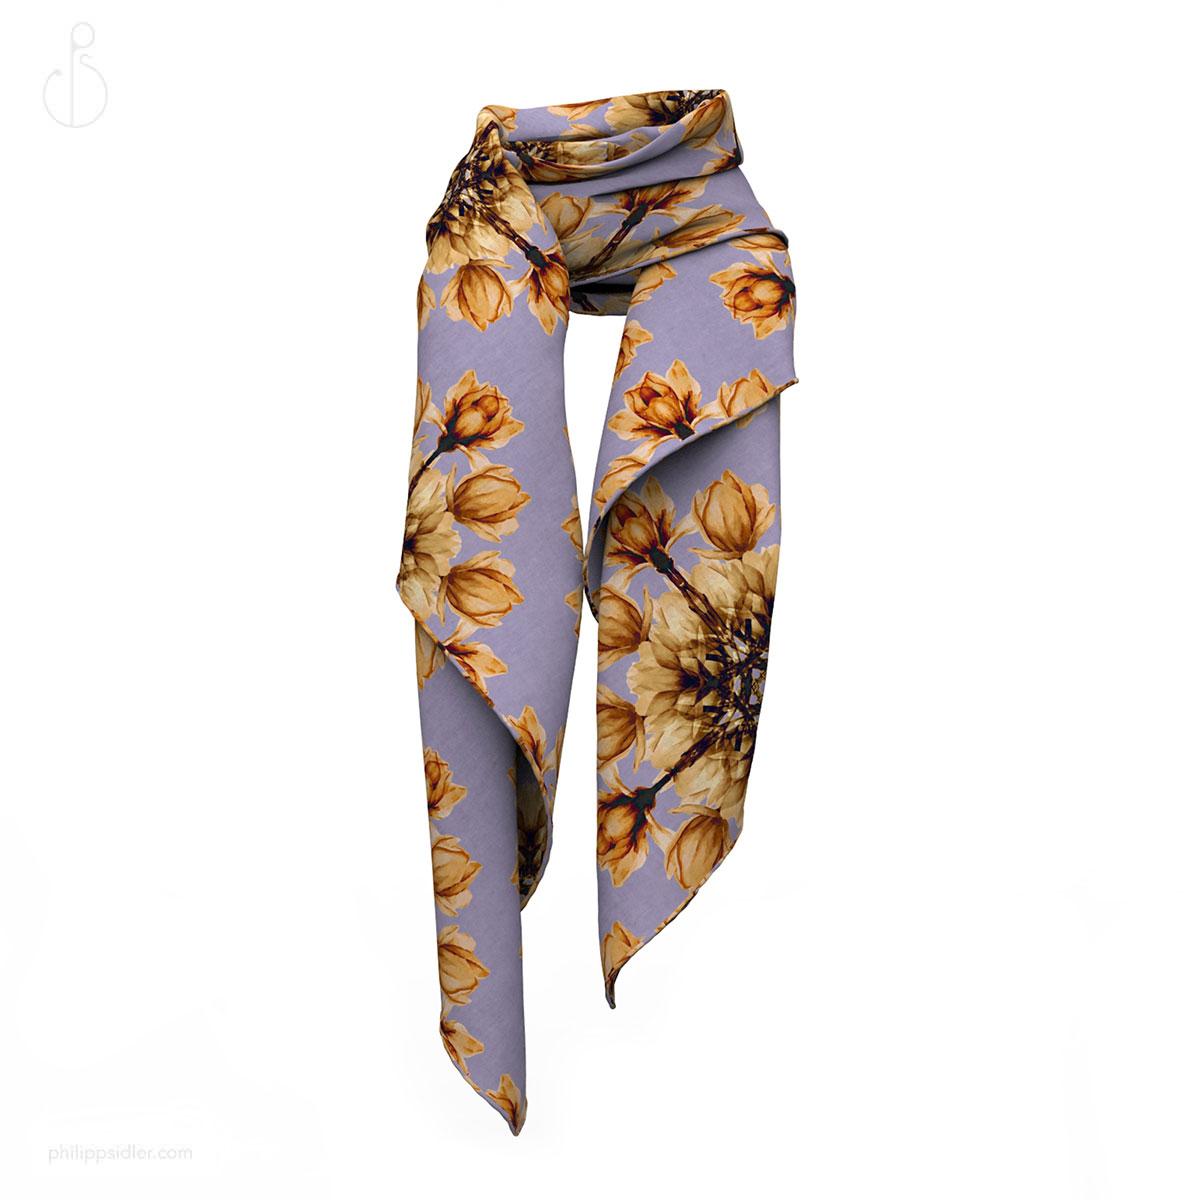 magnolia-scarf-folded